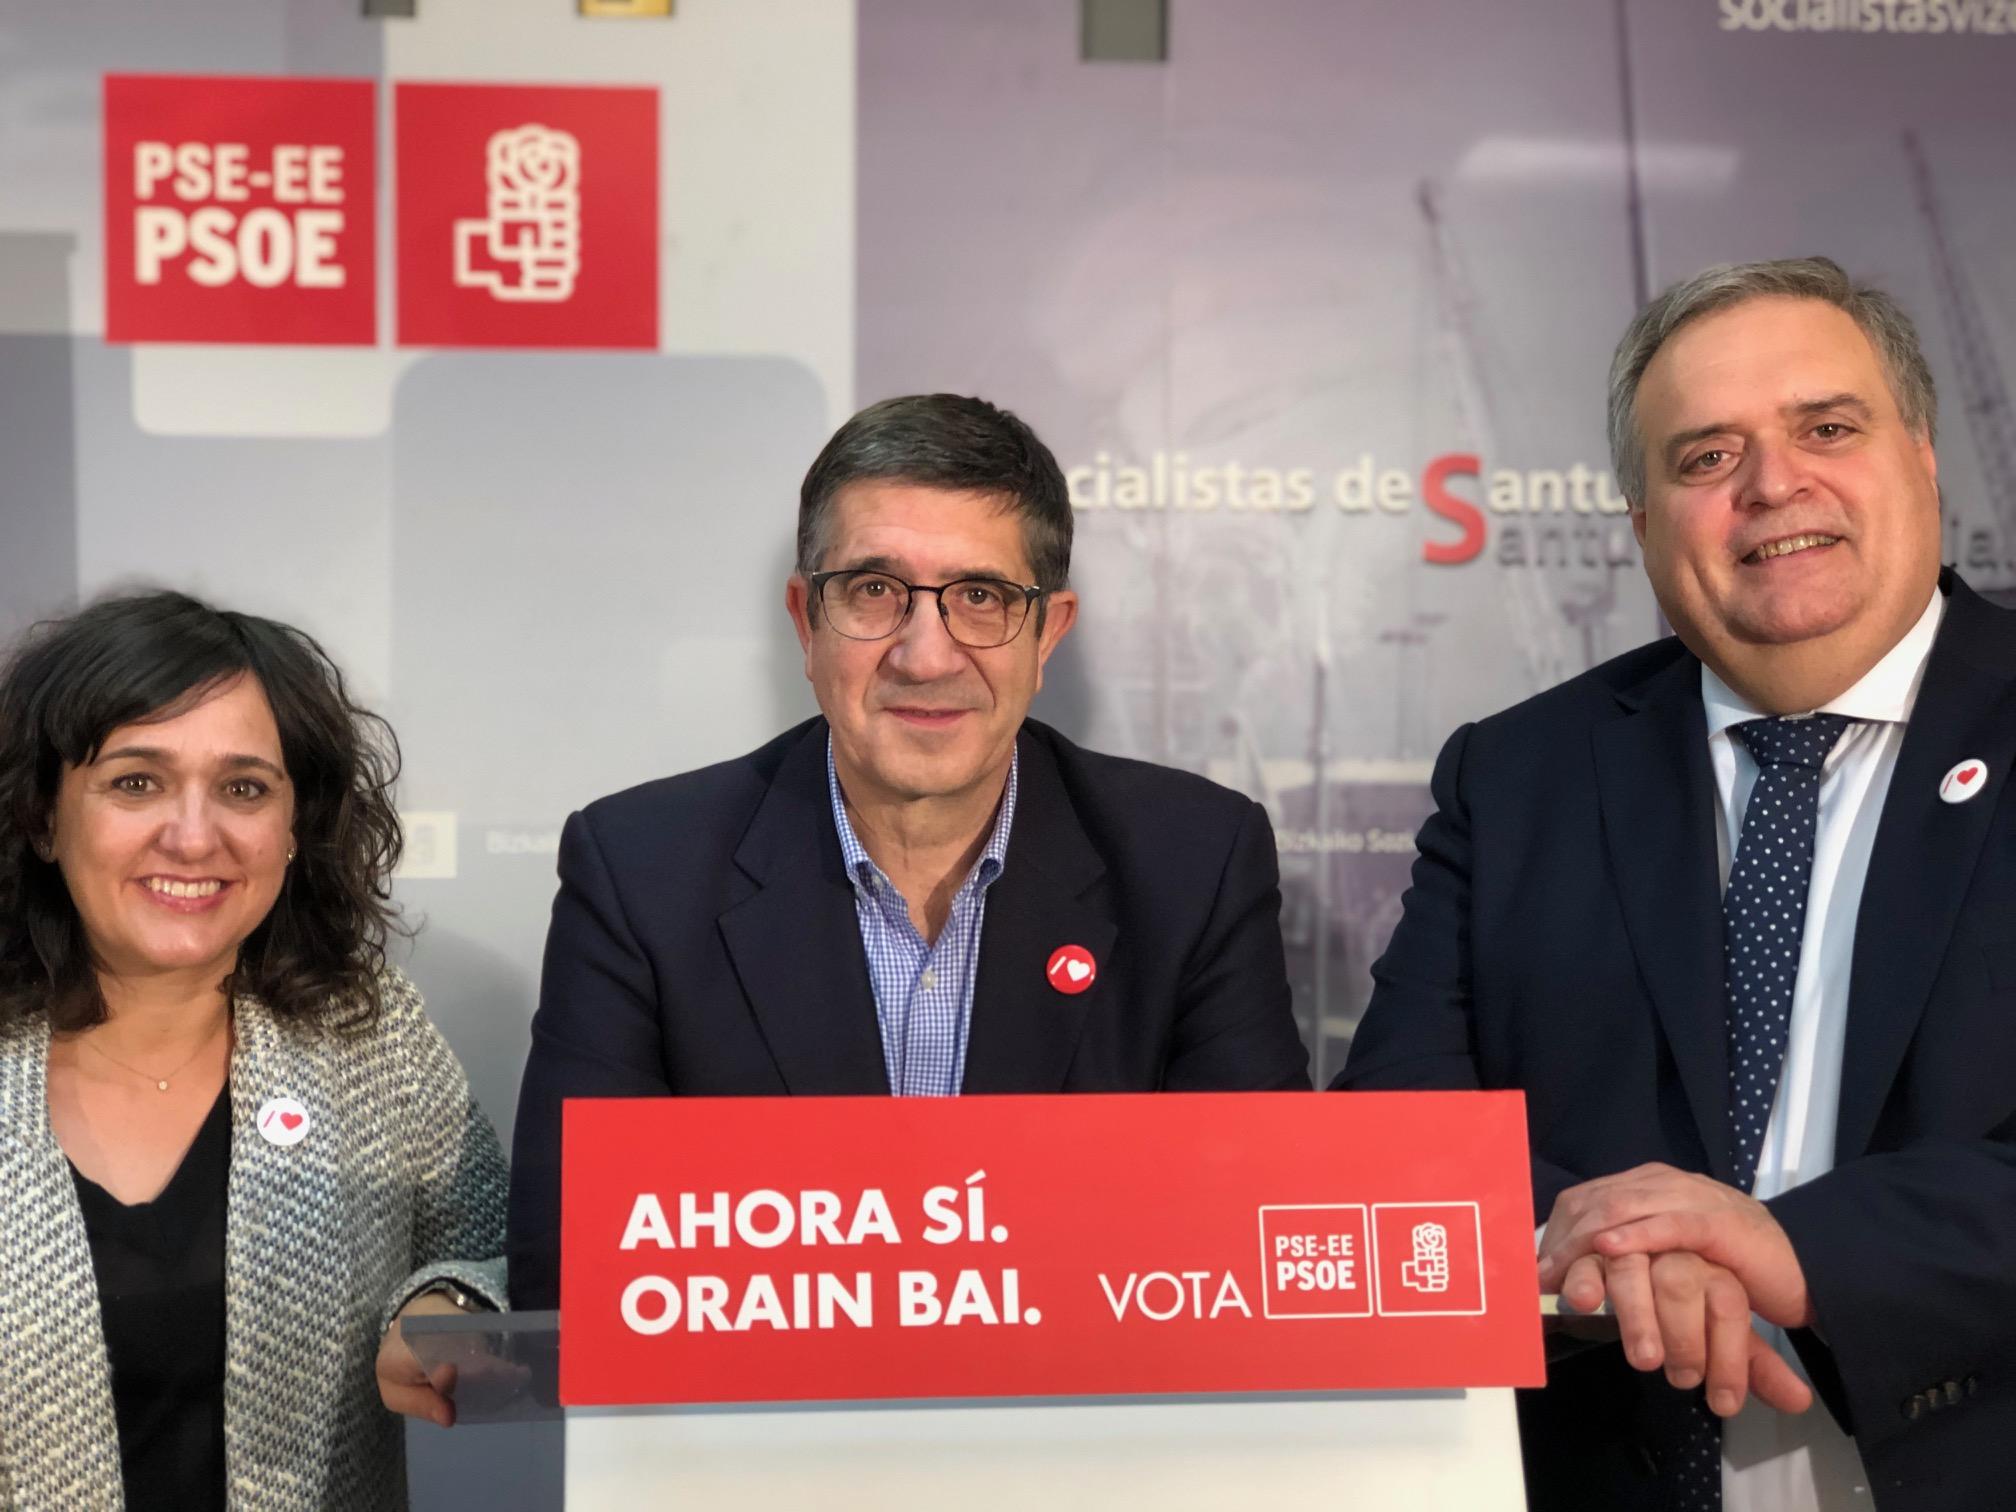 Acto político en Santurtzi 10N